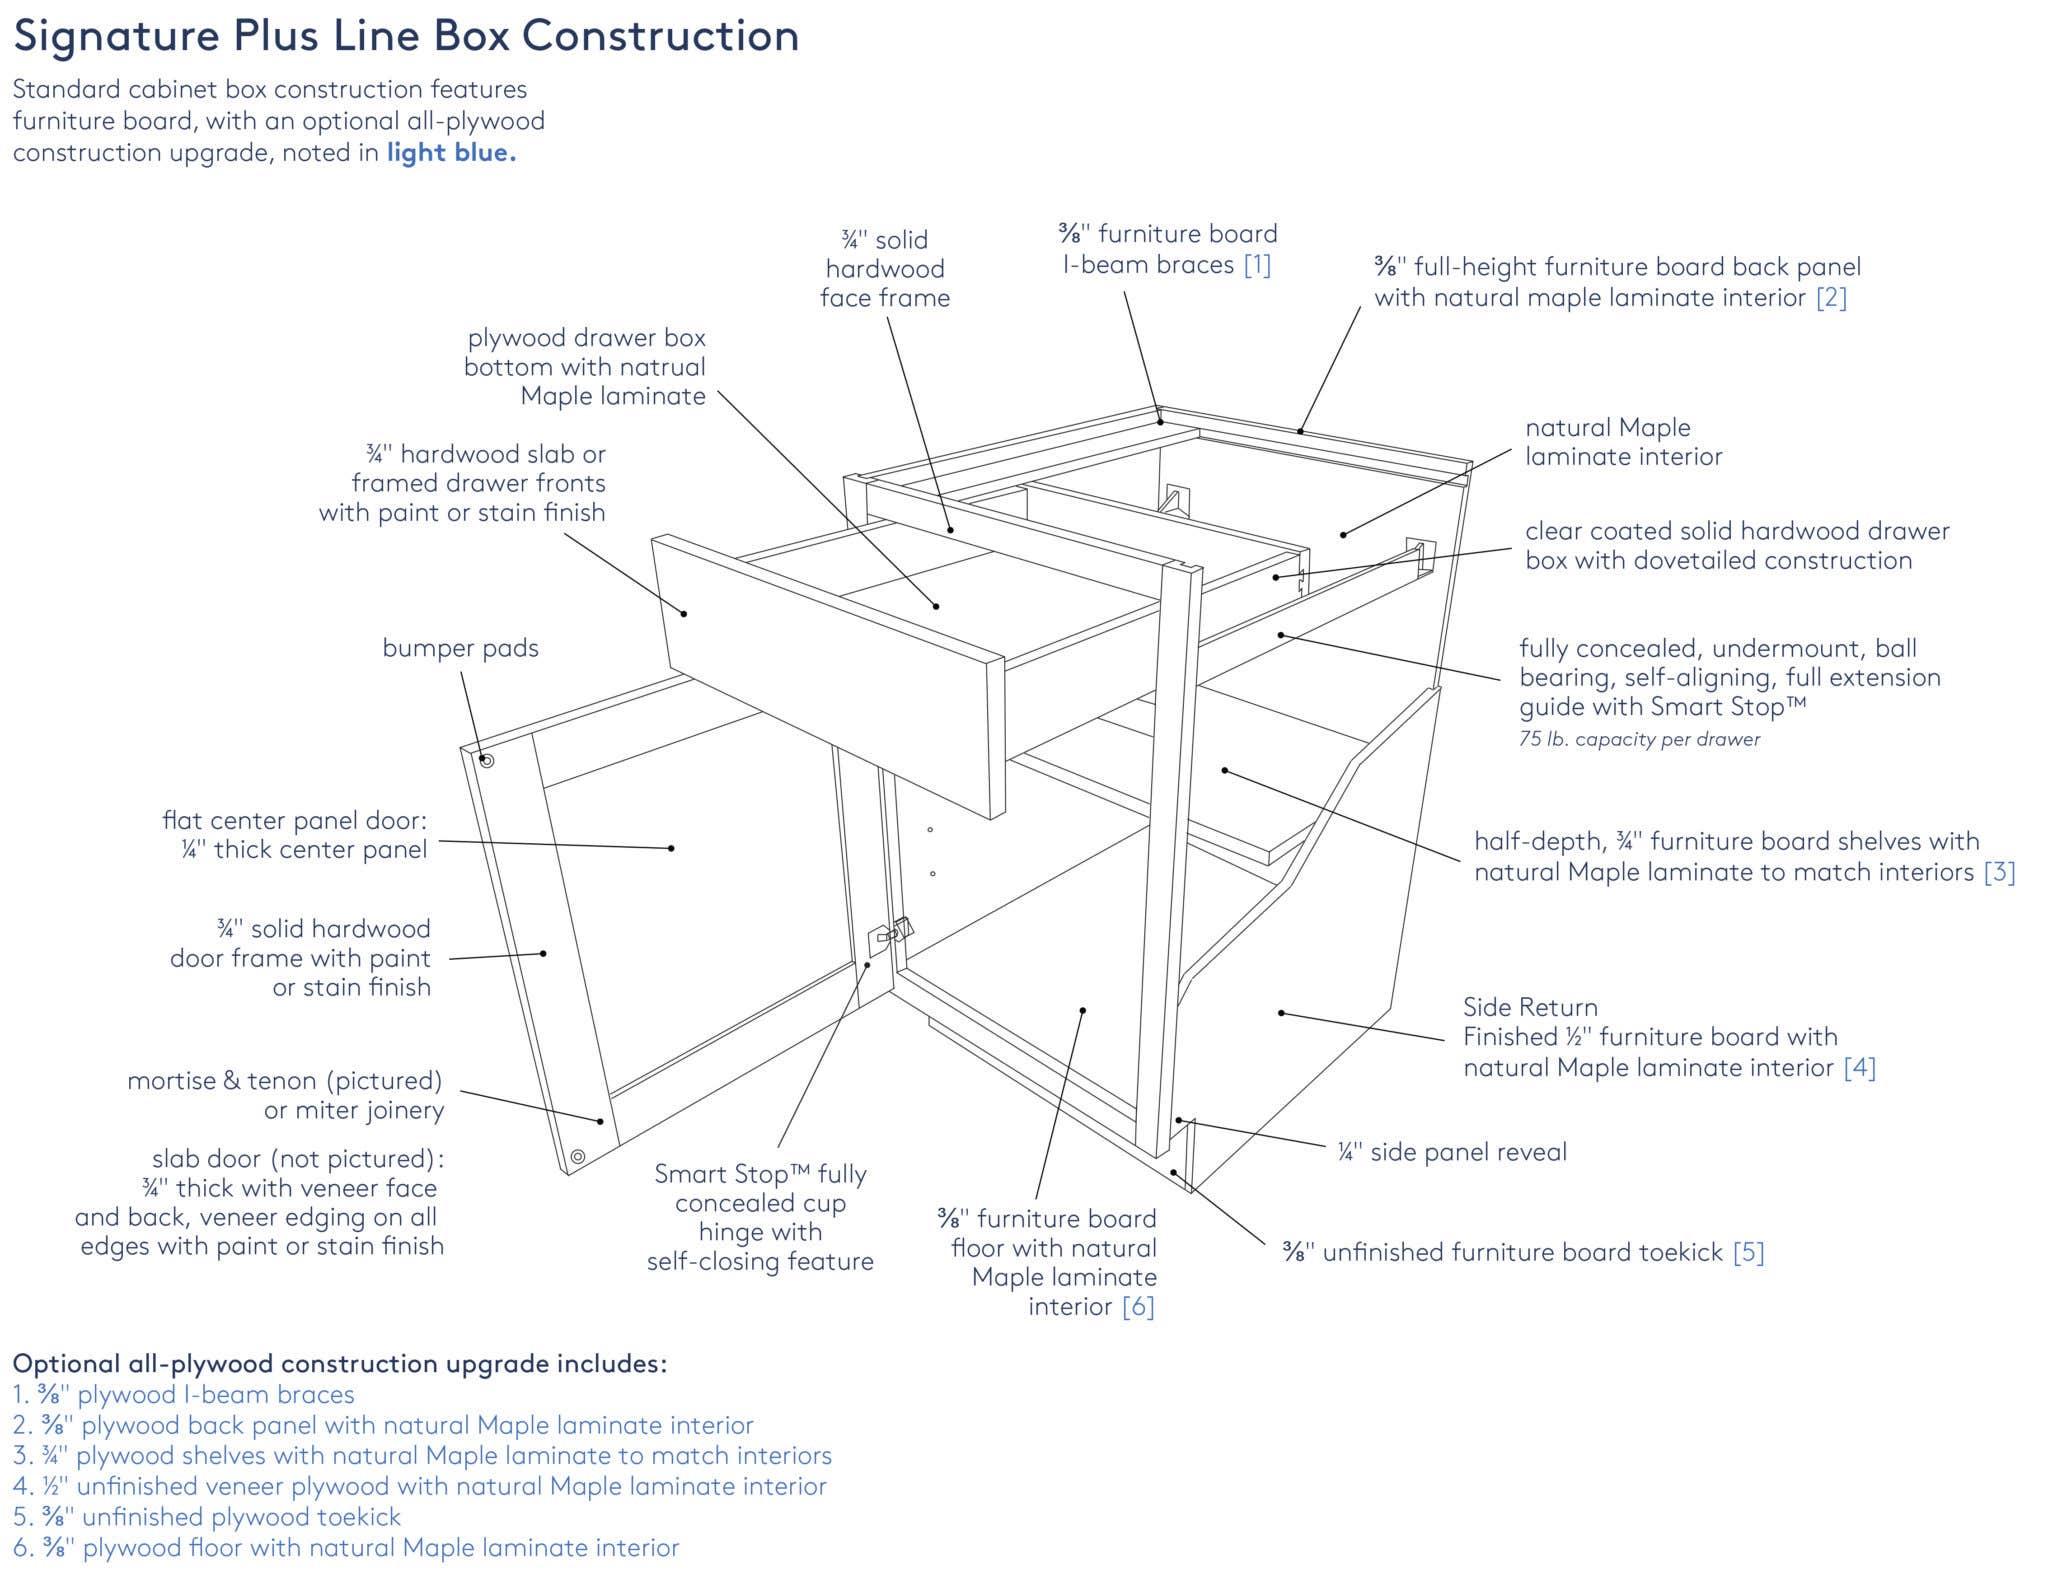 Signature Plus Box Construction